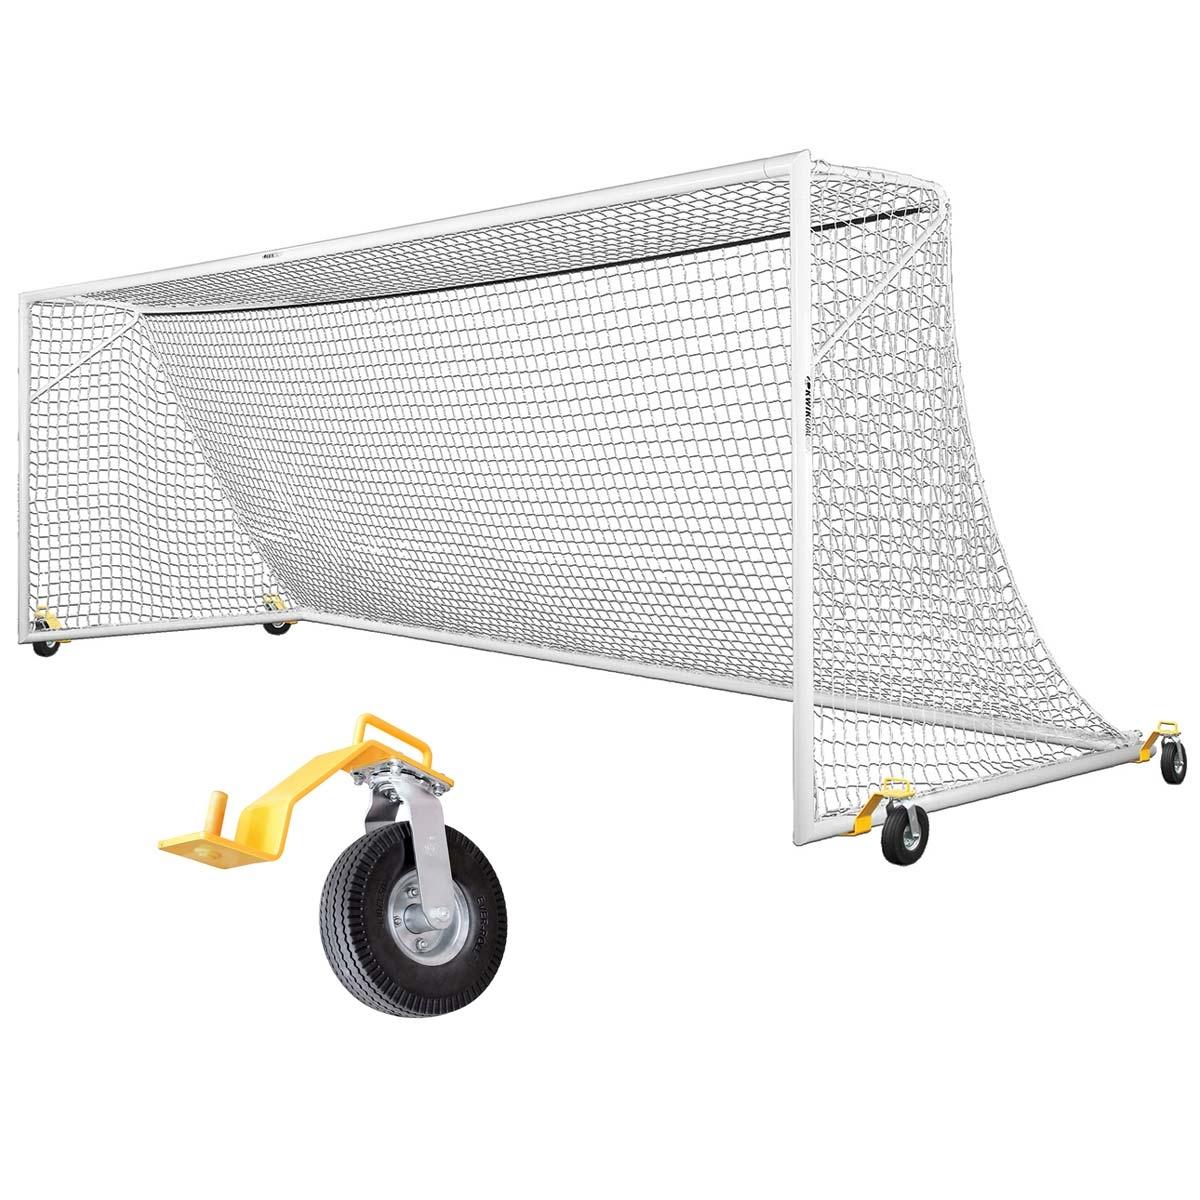 371b0fe68 Kwik Goal 8'x24' Deluxe European Club Soccer Goal w/ Swivel Wheels,  2B3006SW - A12-544